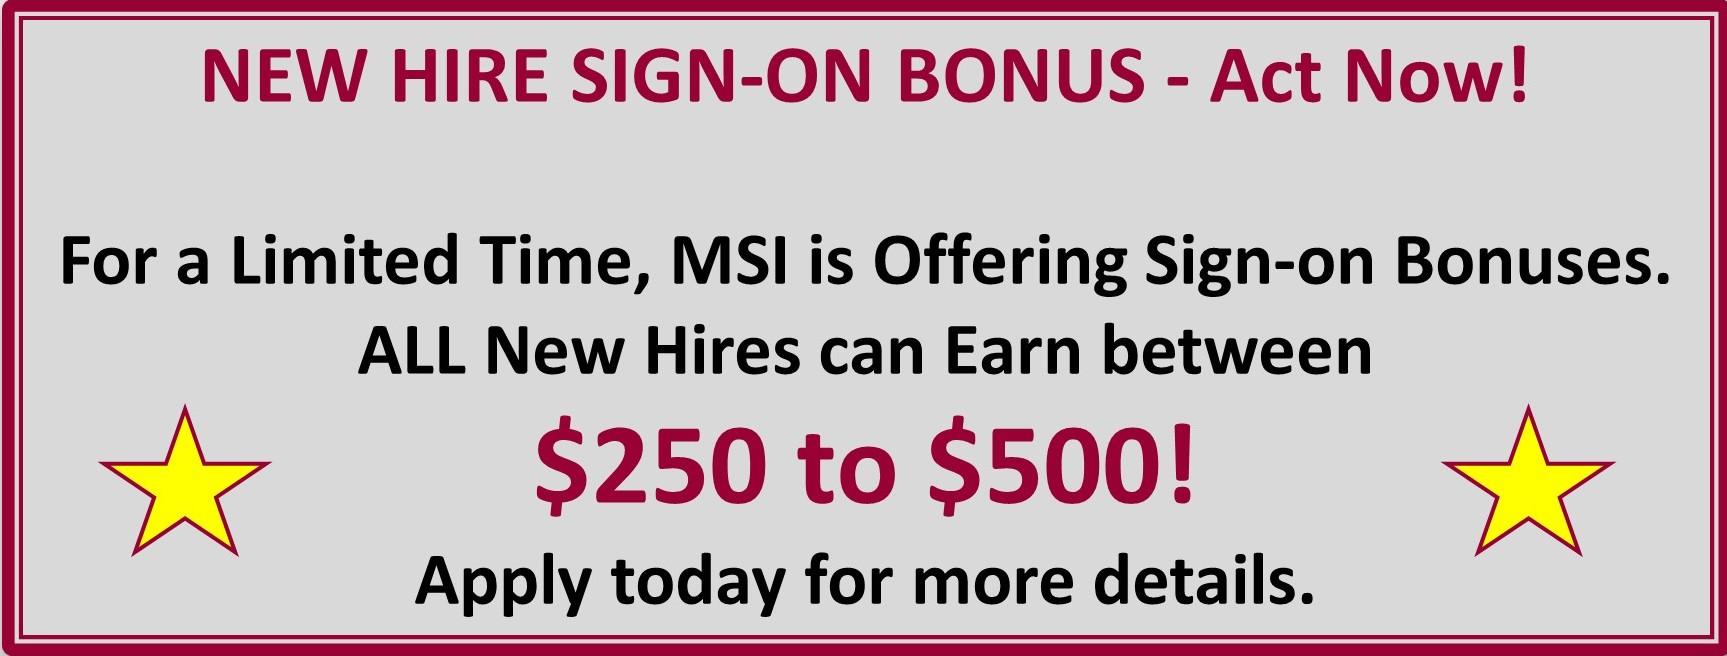 Hiring Bonus Image for www.msivt.com - 061220